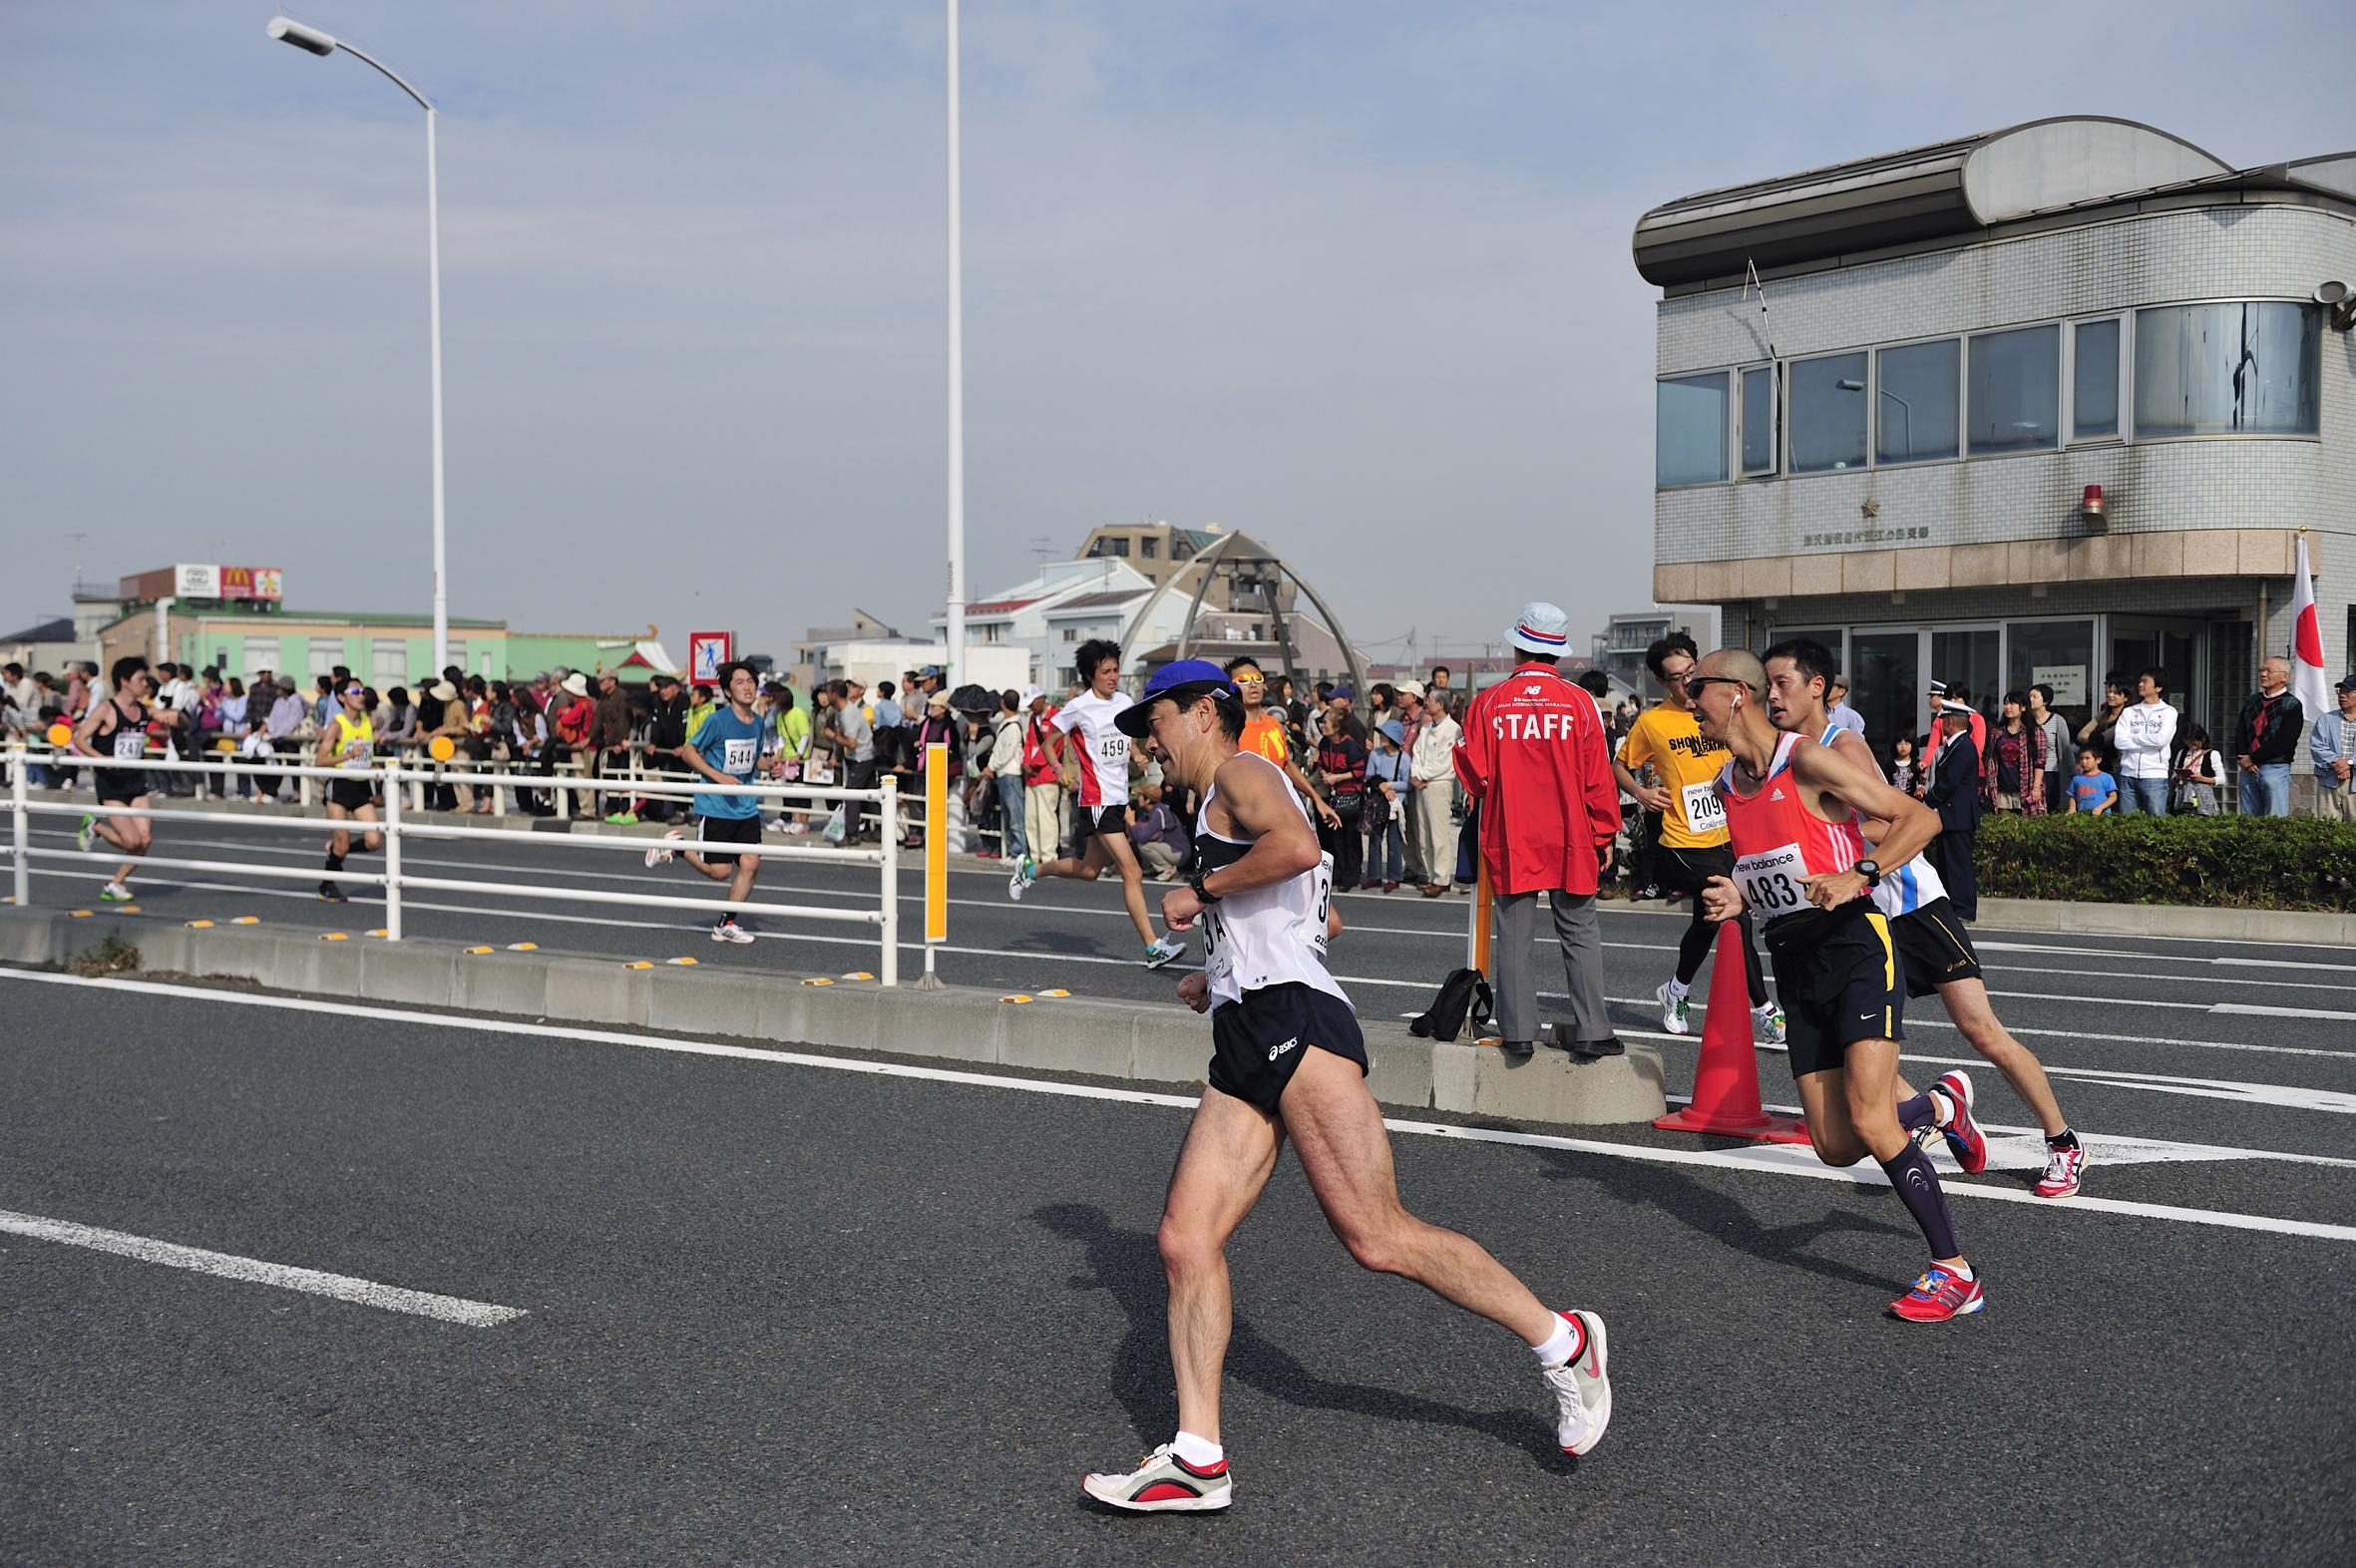 第6回湘南国際マラソン 江ノ島折り返し地点